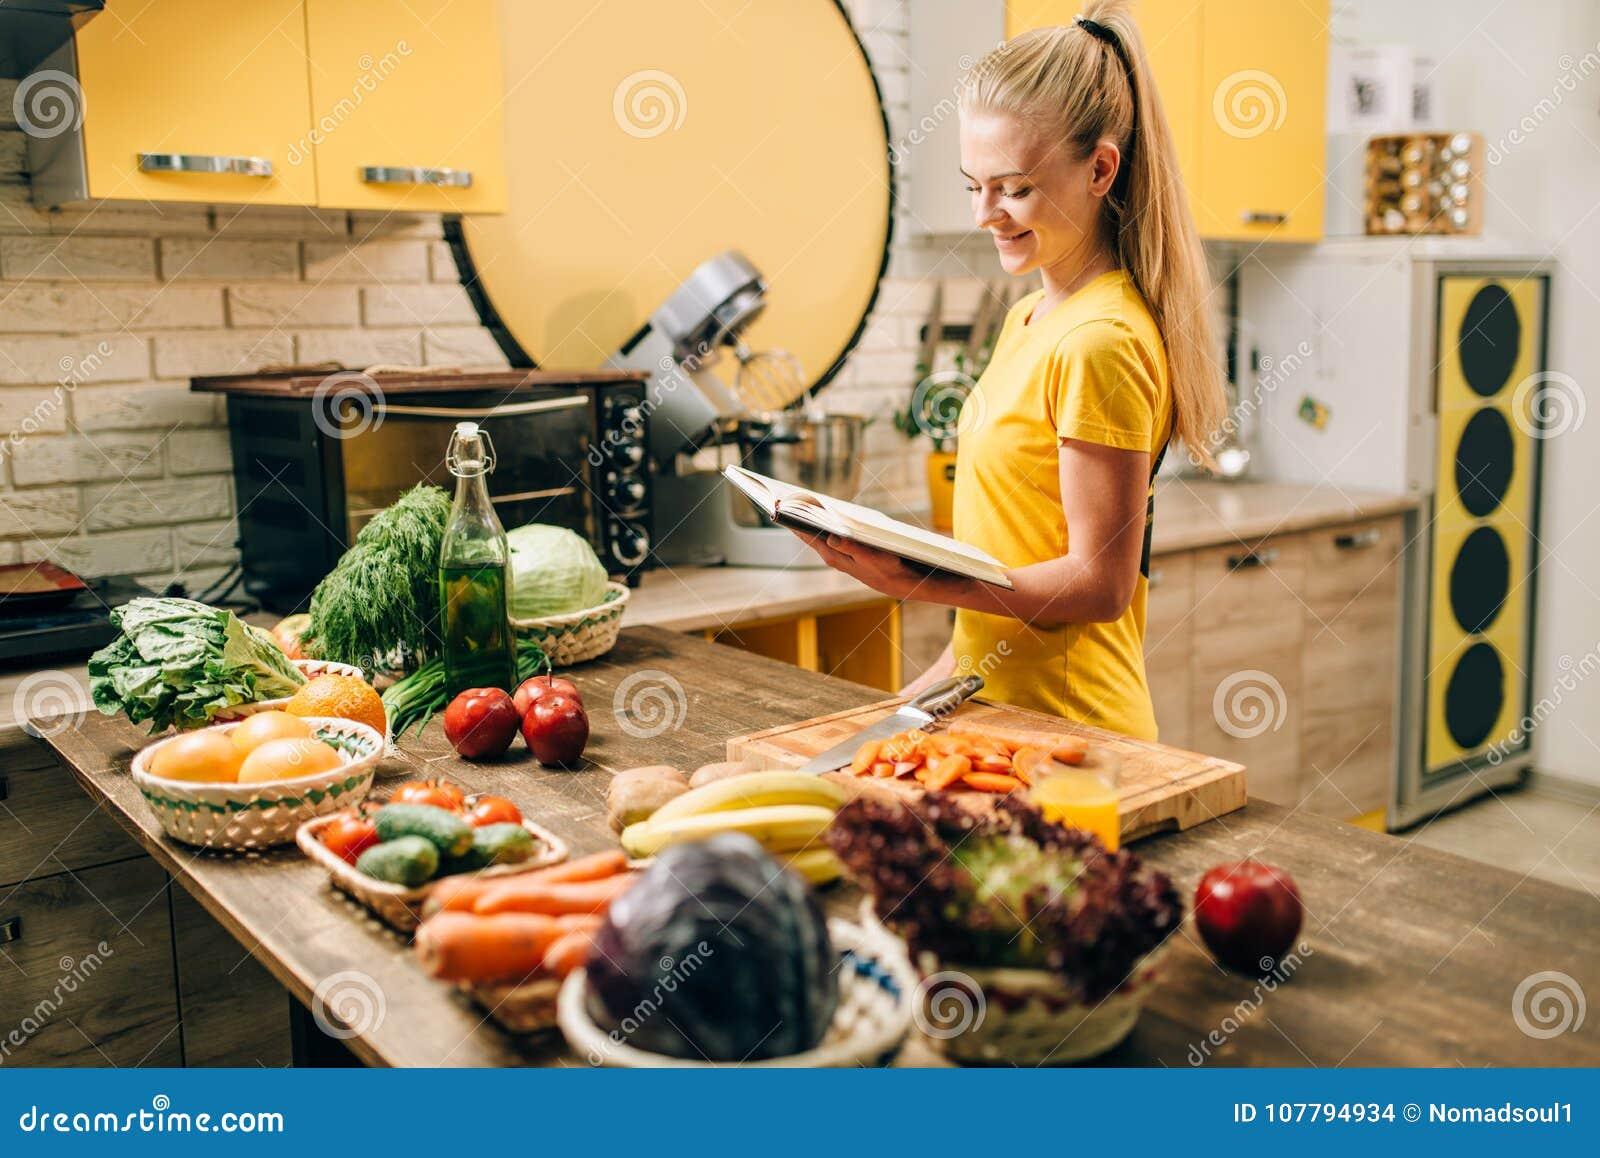 Mujer joven que cocina en recetas, comida sana del eco